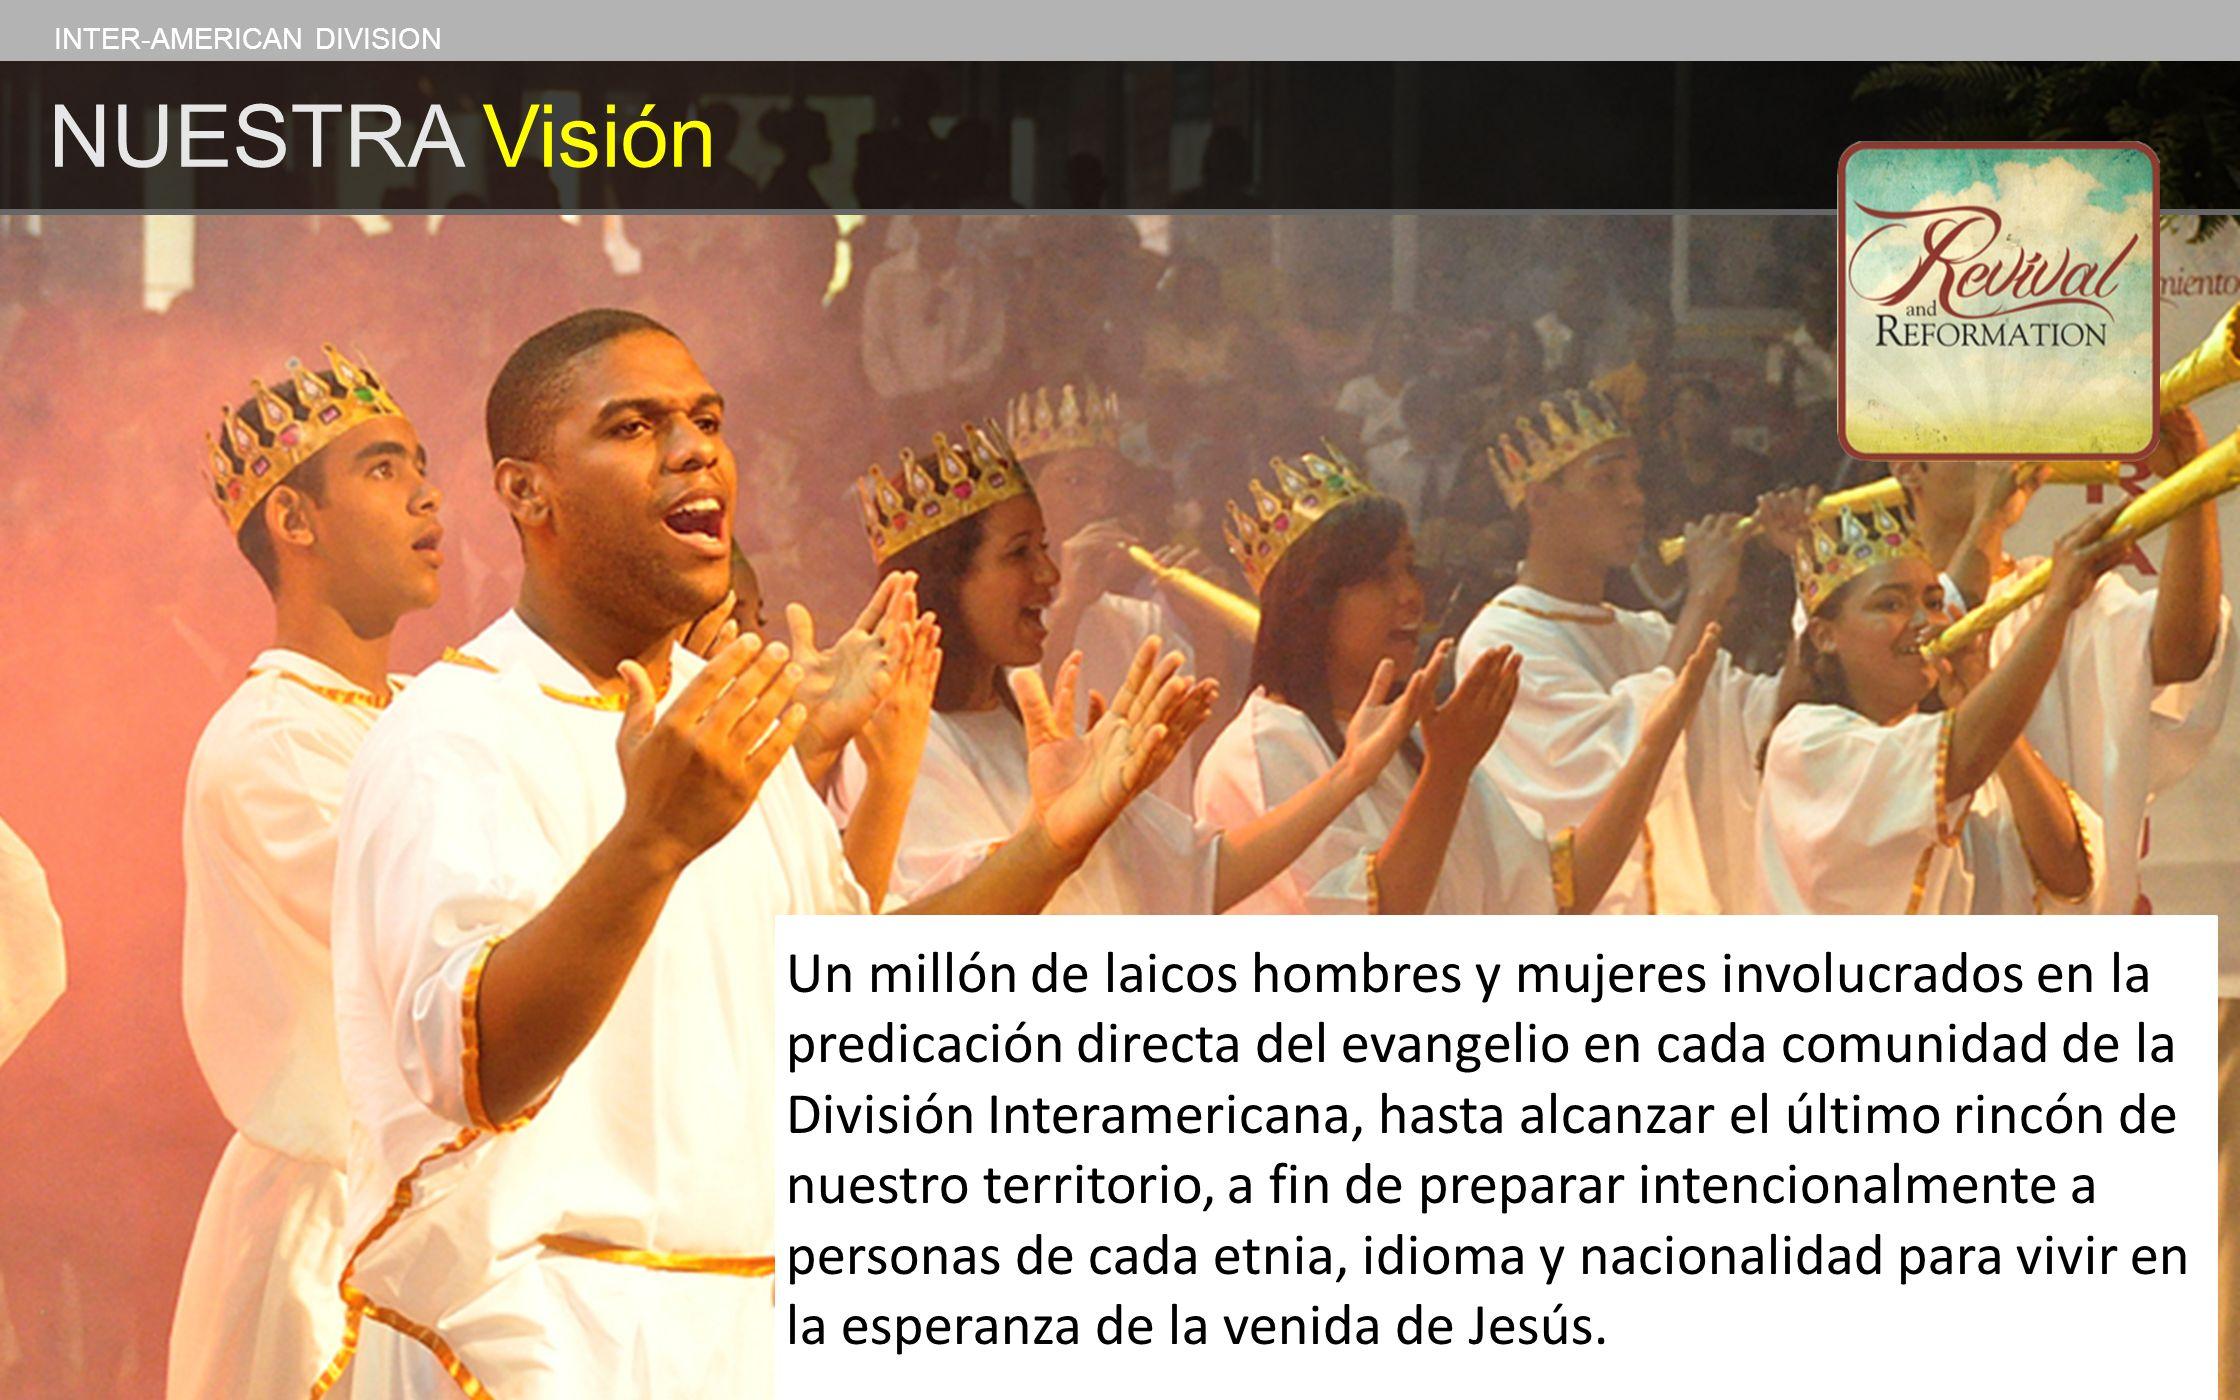 INTER-AMERICAN DIVISION NUESTRA Visión Un millón de laicos hombres y mujeres involucrados en la predicación directa del evangelio en cada comunidad de